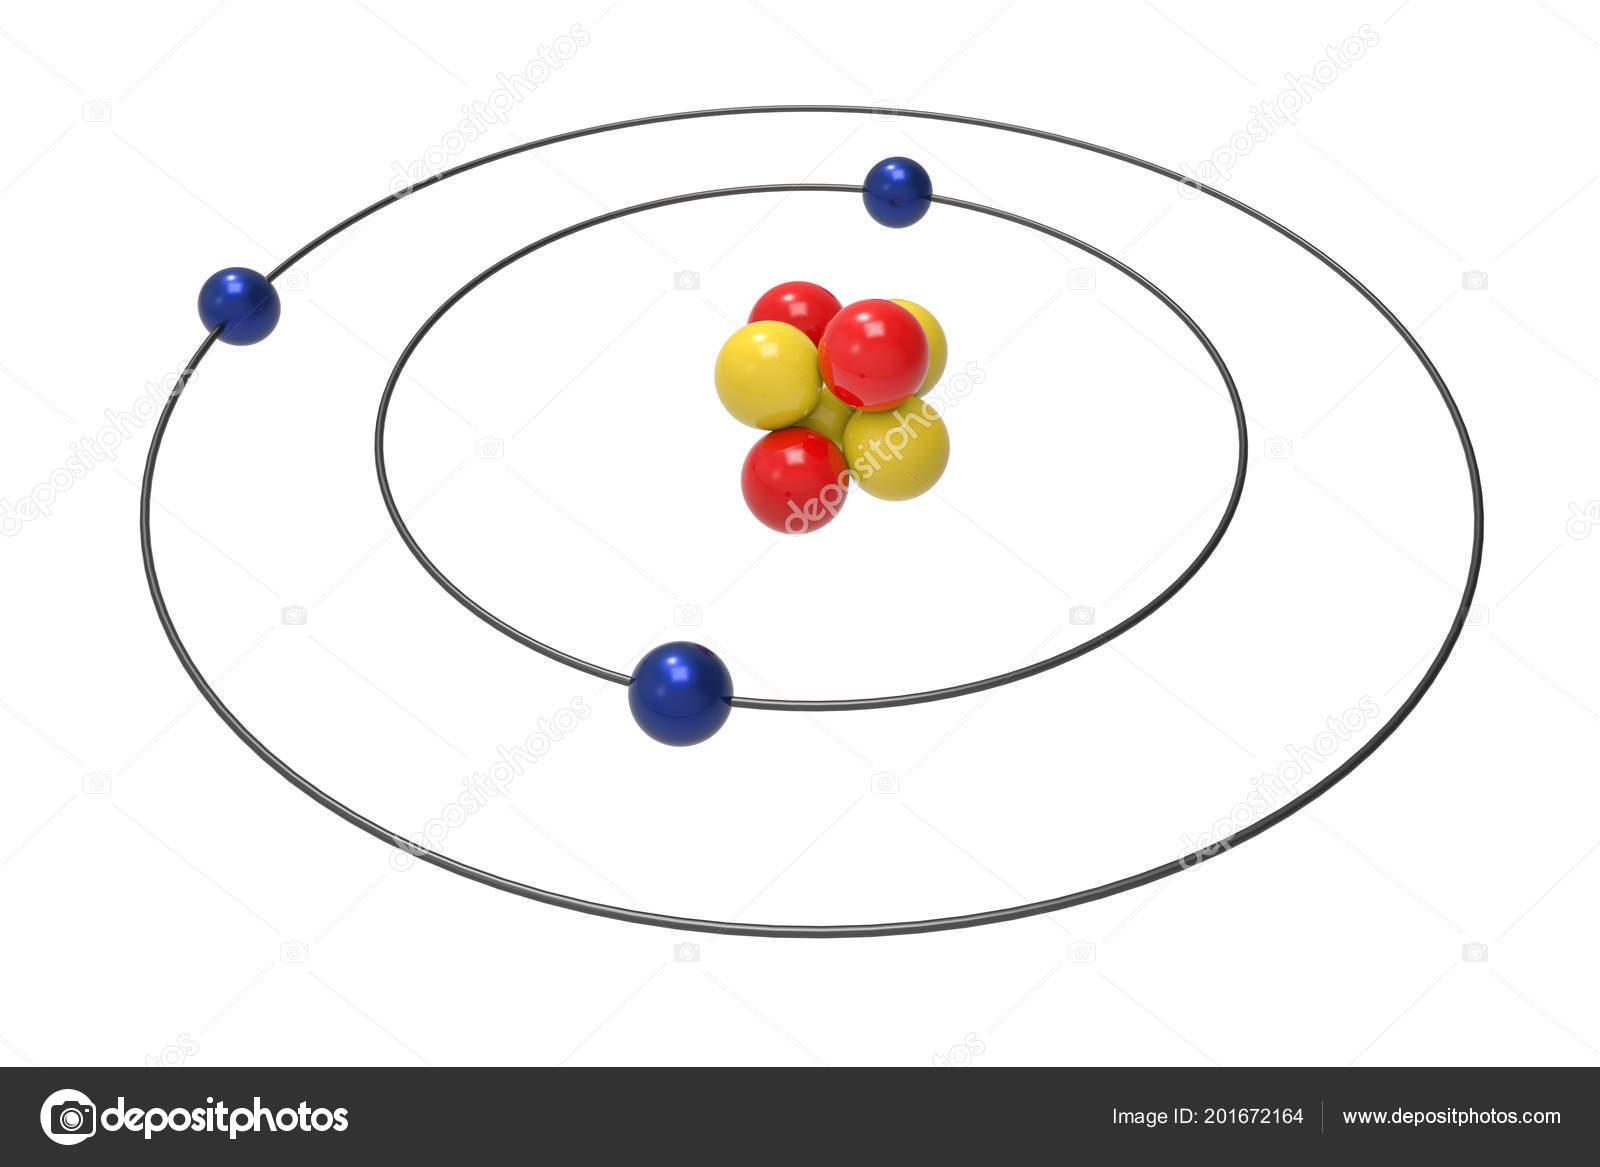 bohr diagram for arsenic